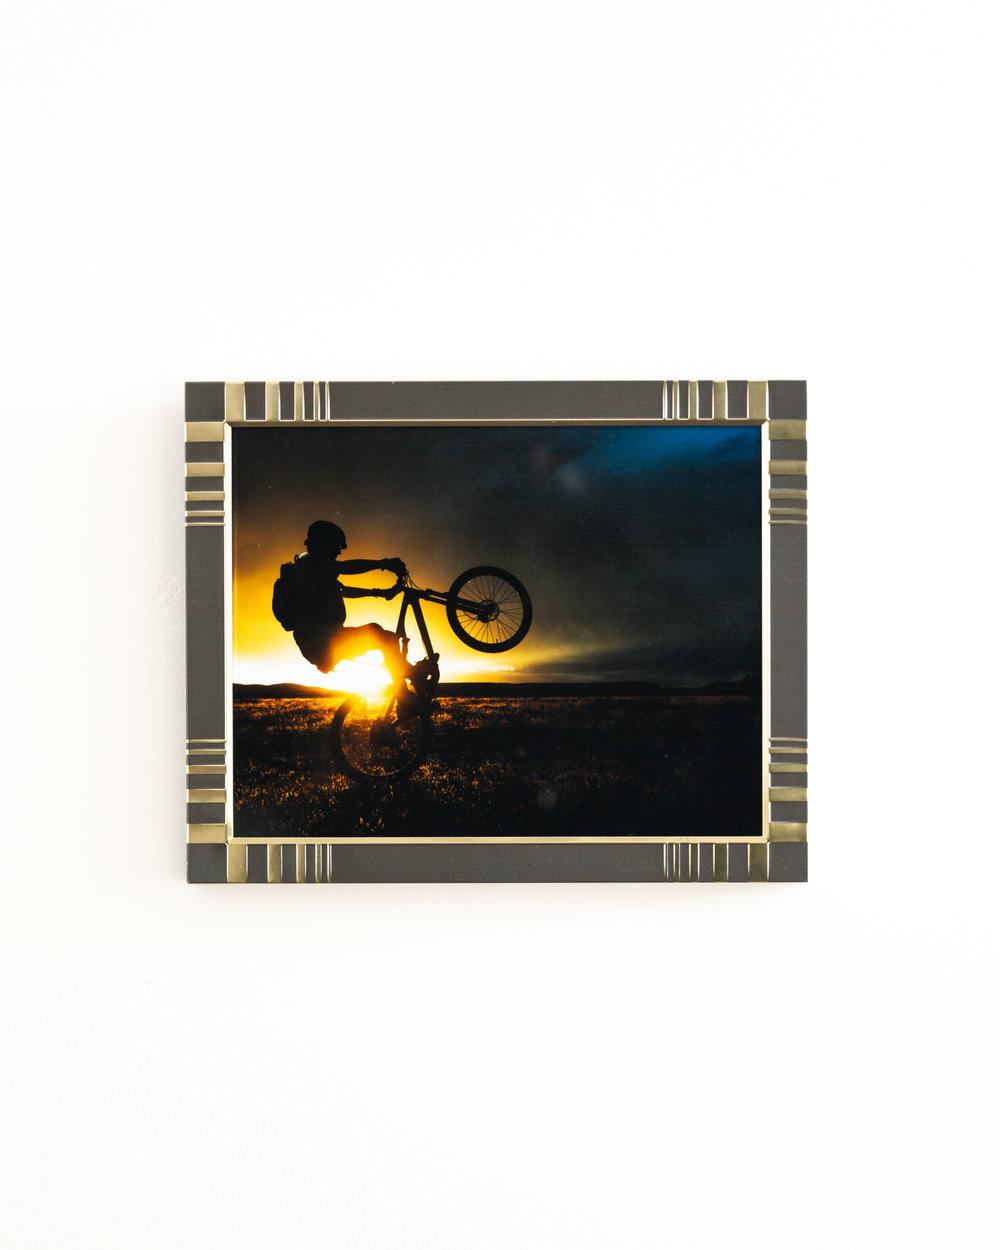 Glow Wheel - $35 Shipped